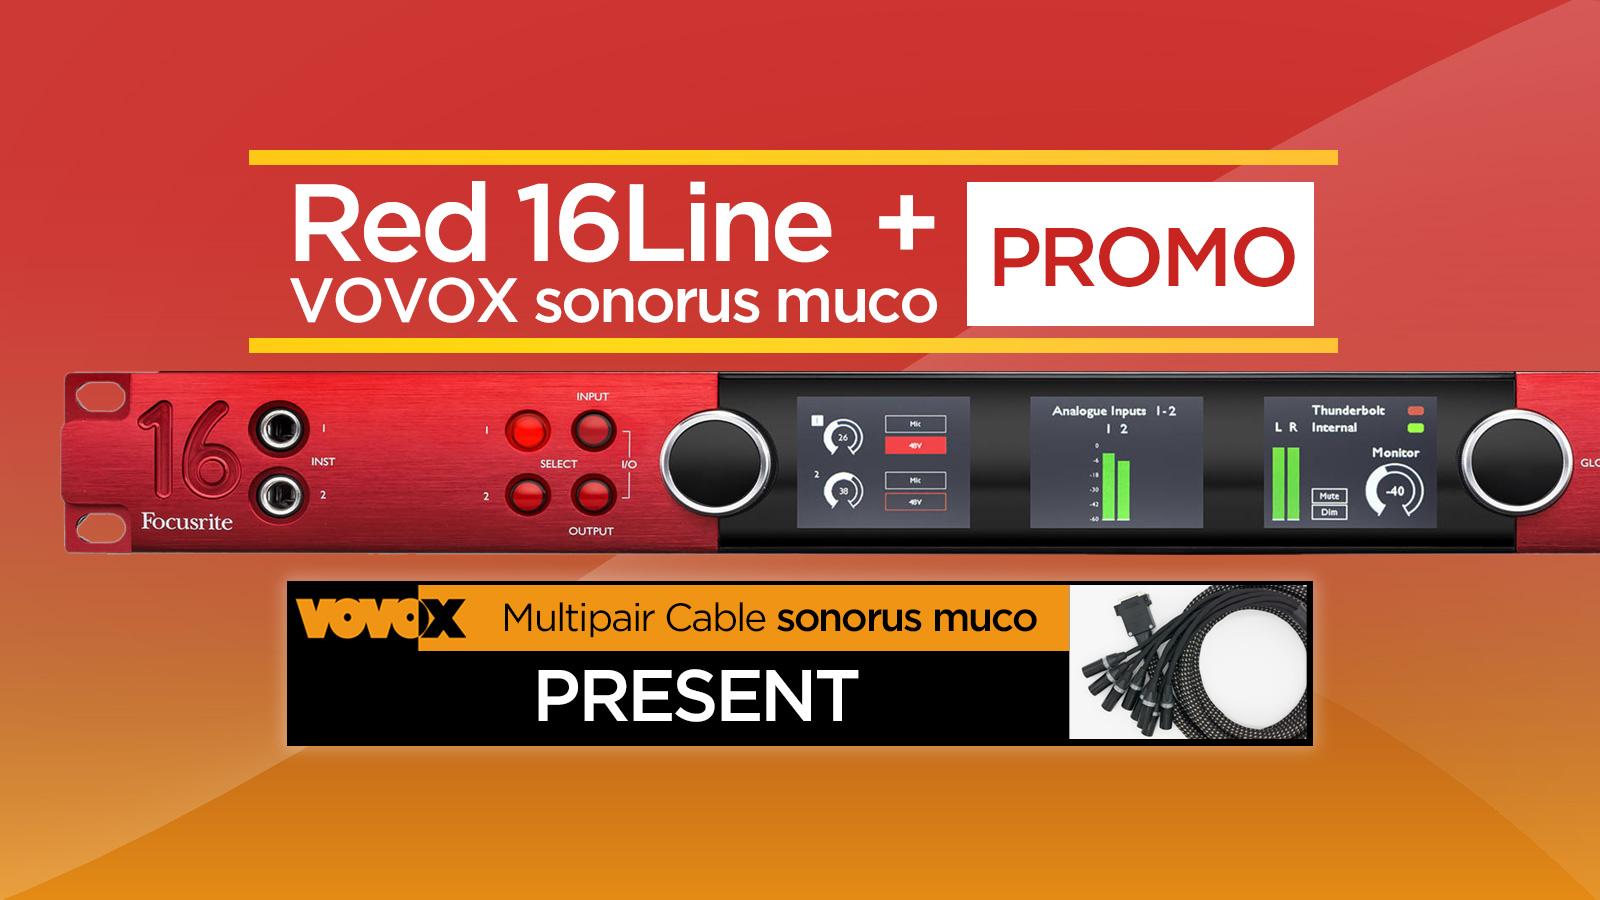 高精度なマスタリング・グレード・コンバージョン性能を極限まで引き出す!Red 16Line + VOVOX sonorus mucoプロモーション